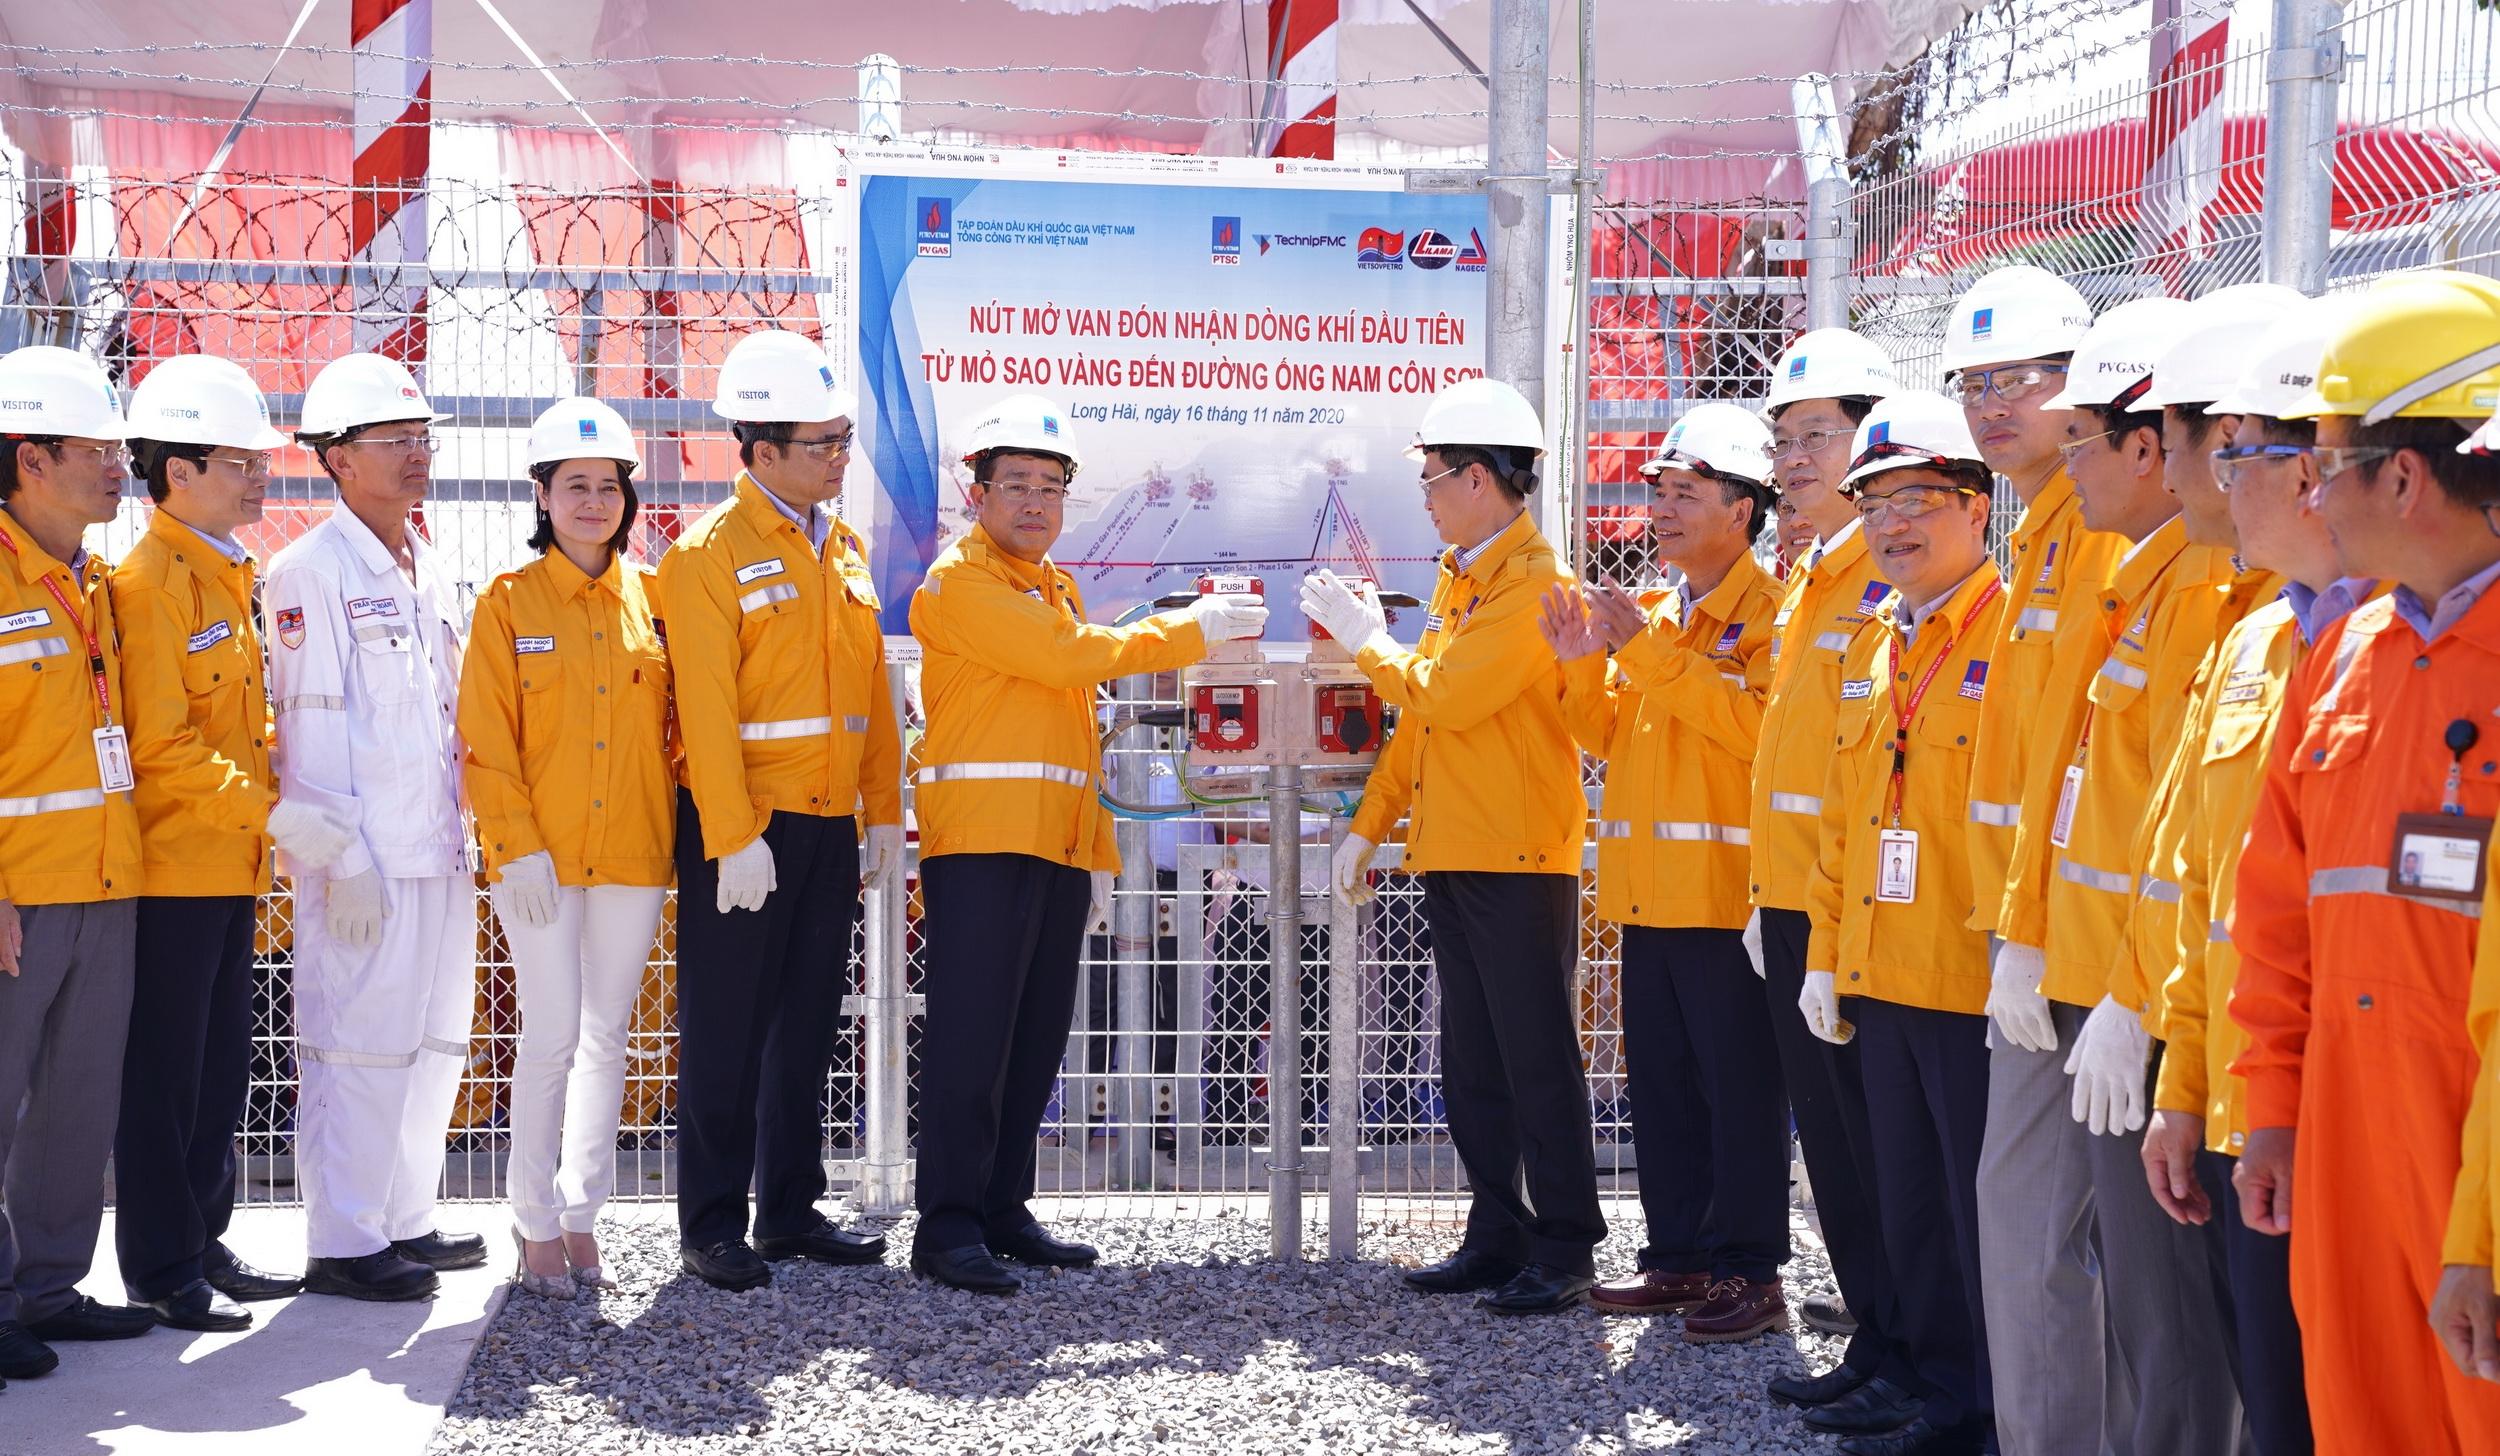 Lễ đón nhận dòng khí đầu tiên từ mỏ Sao Vàng – Đại Nguyệt đến đường ống Nam Côn Sơn 2